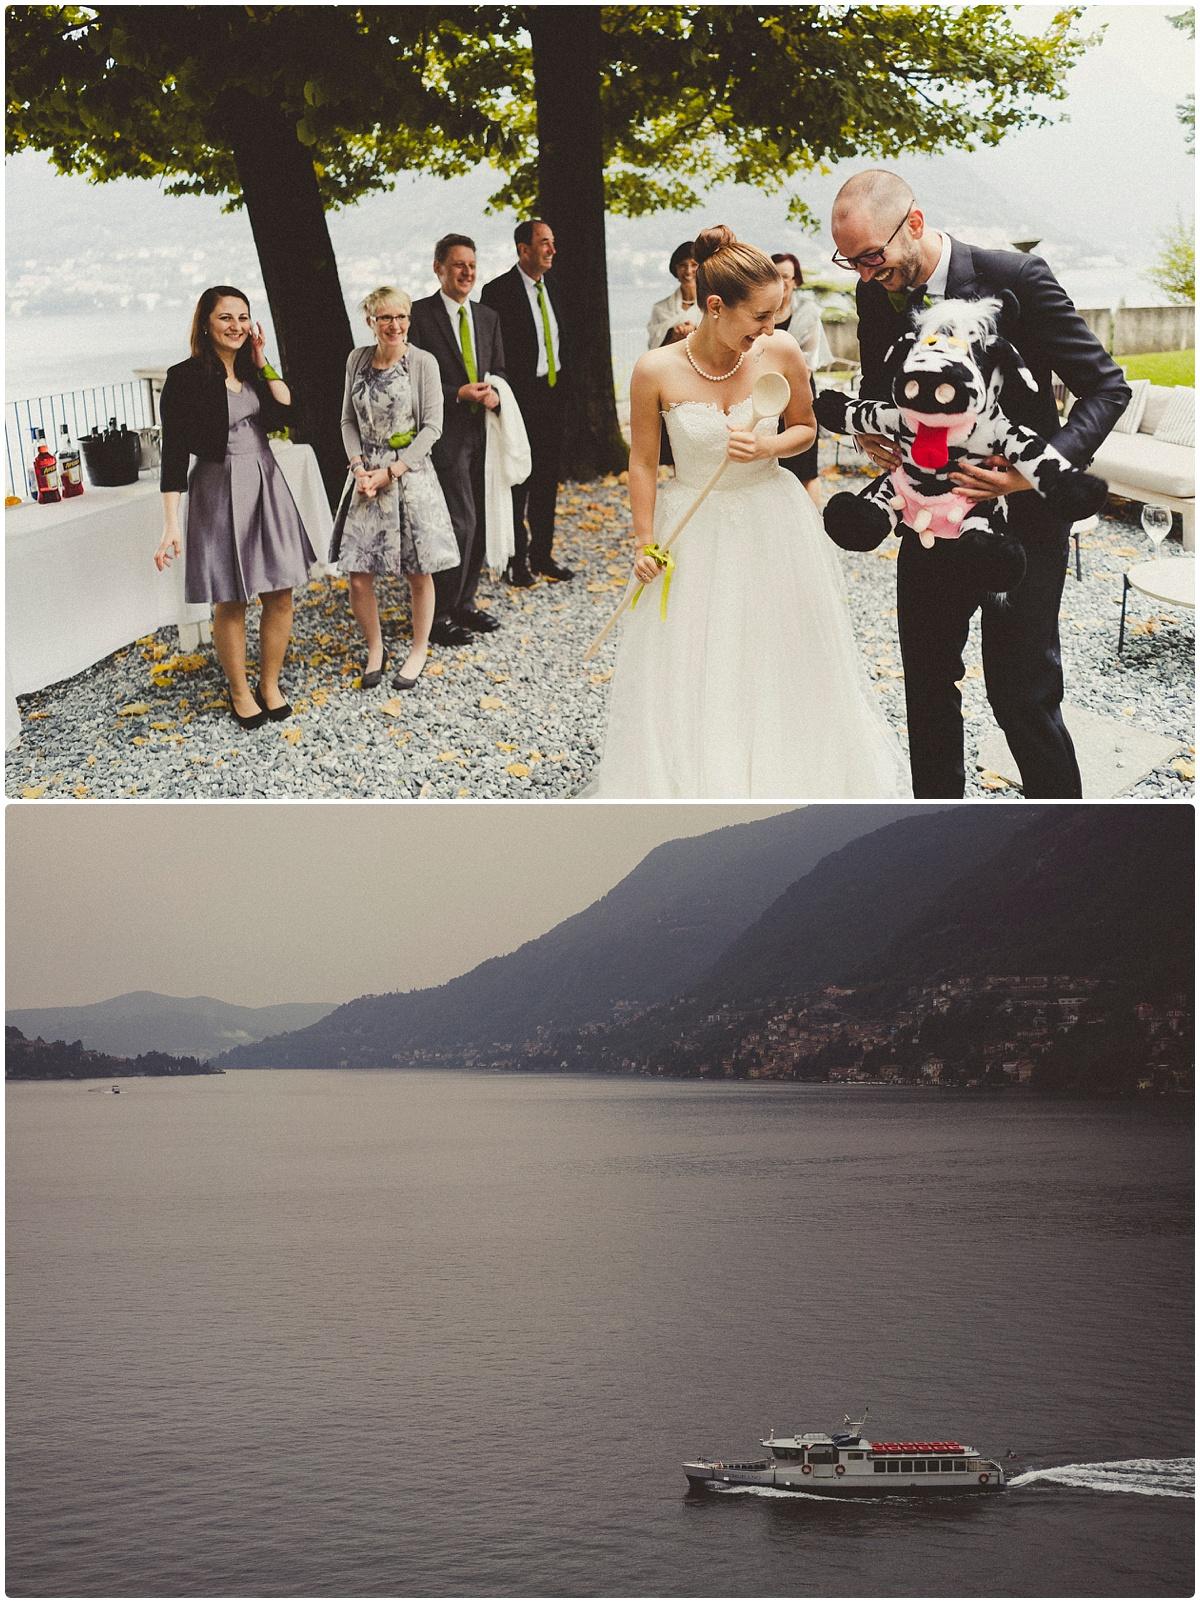 VillaLario_LagodiComo_matrimonio_0040